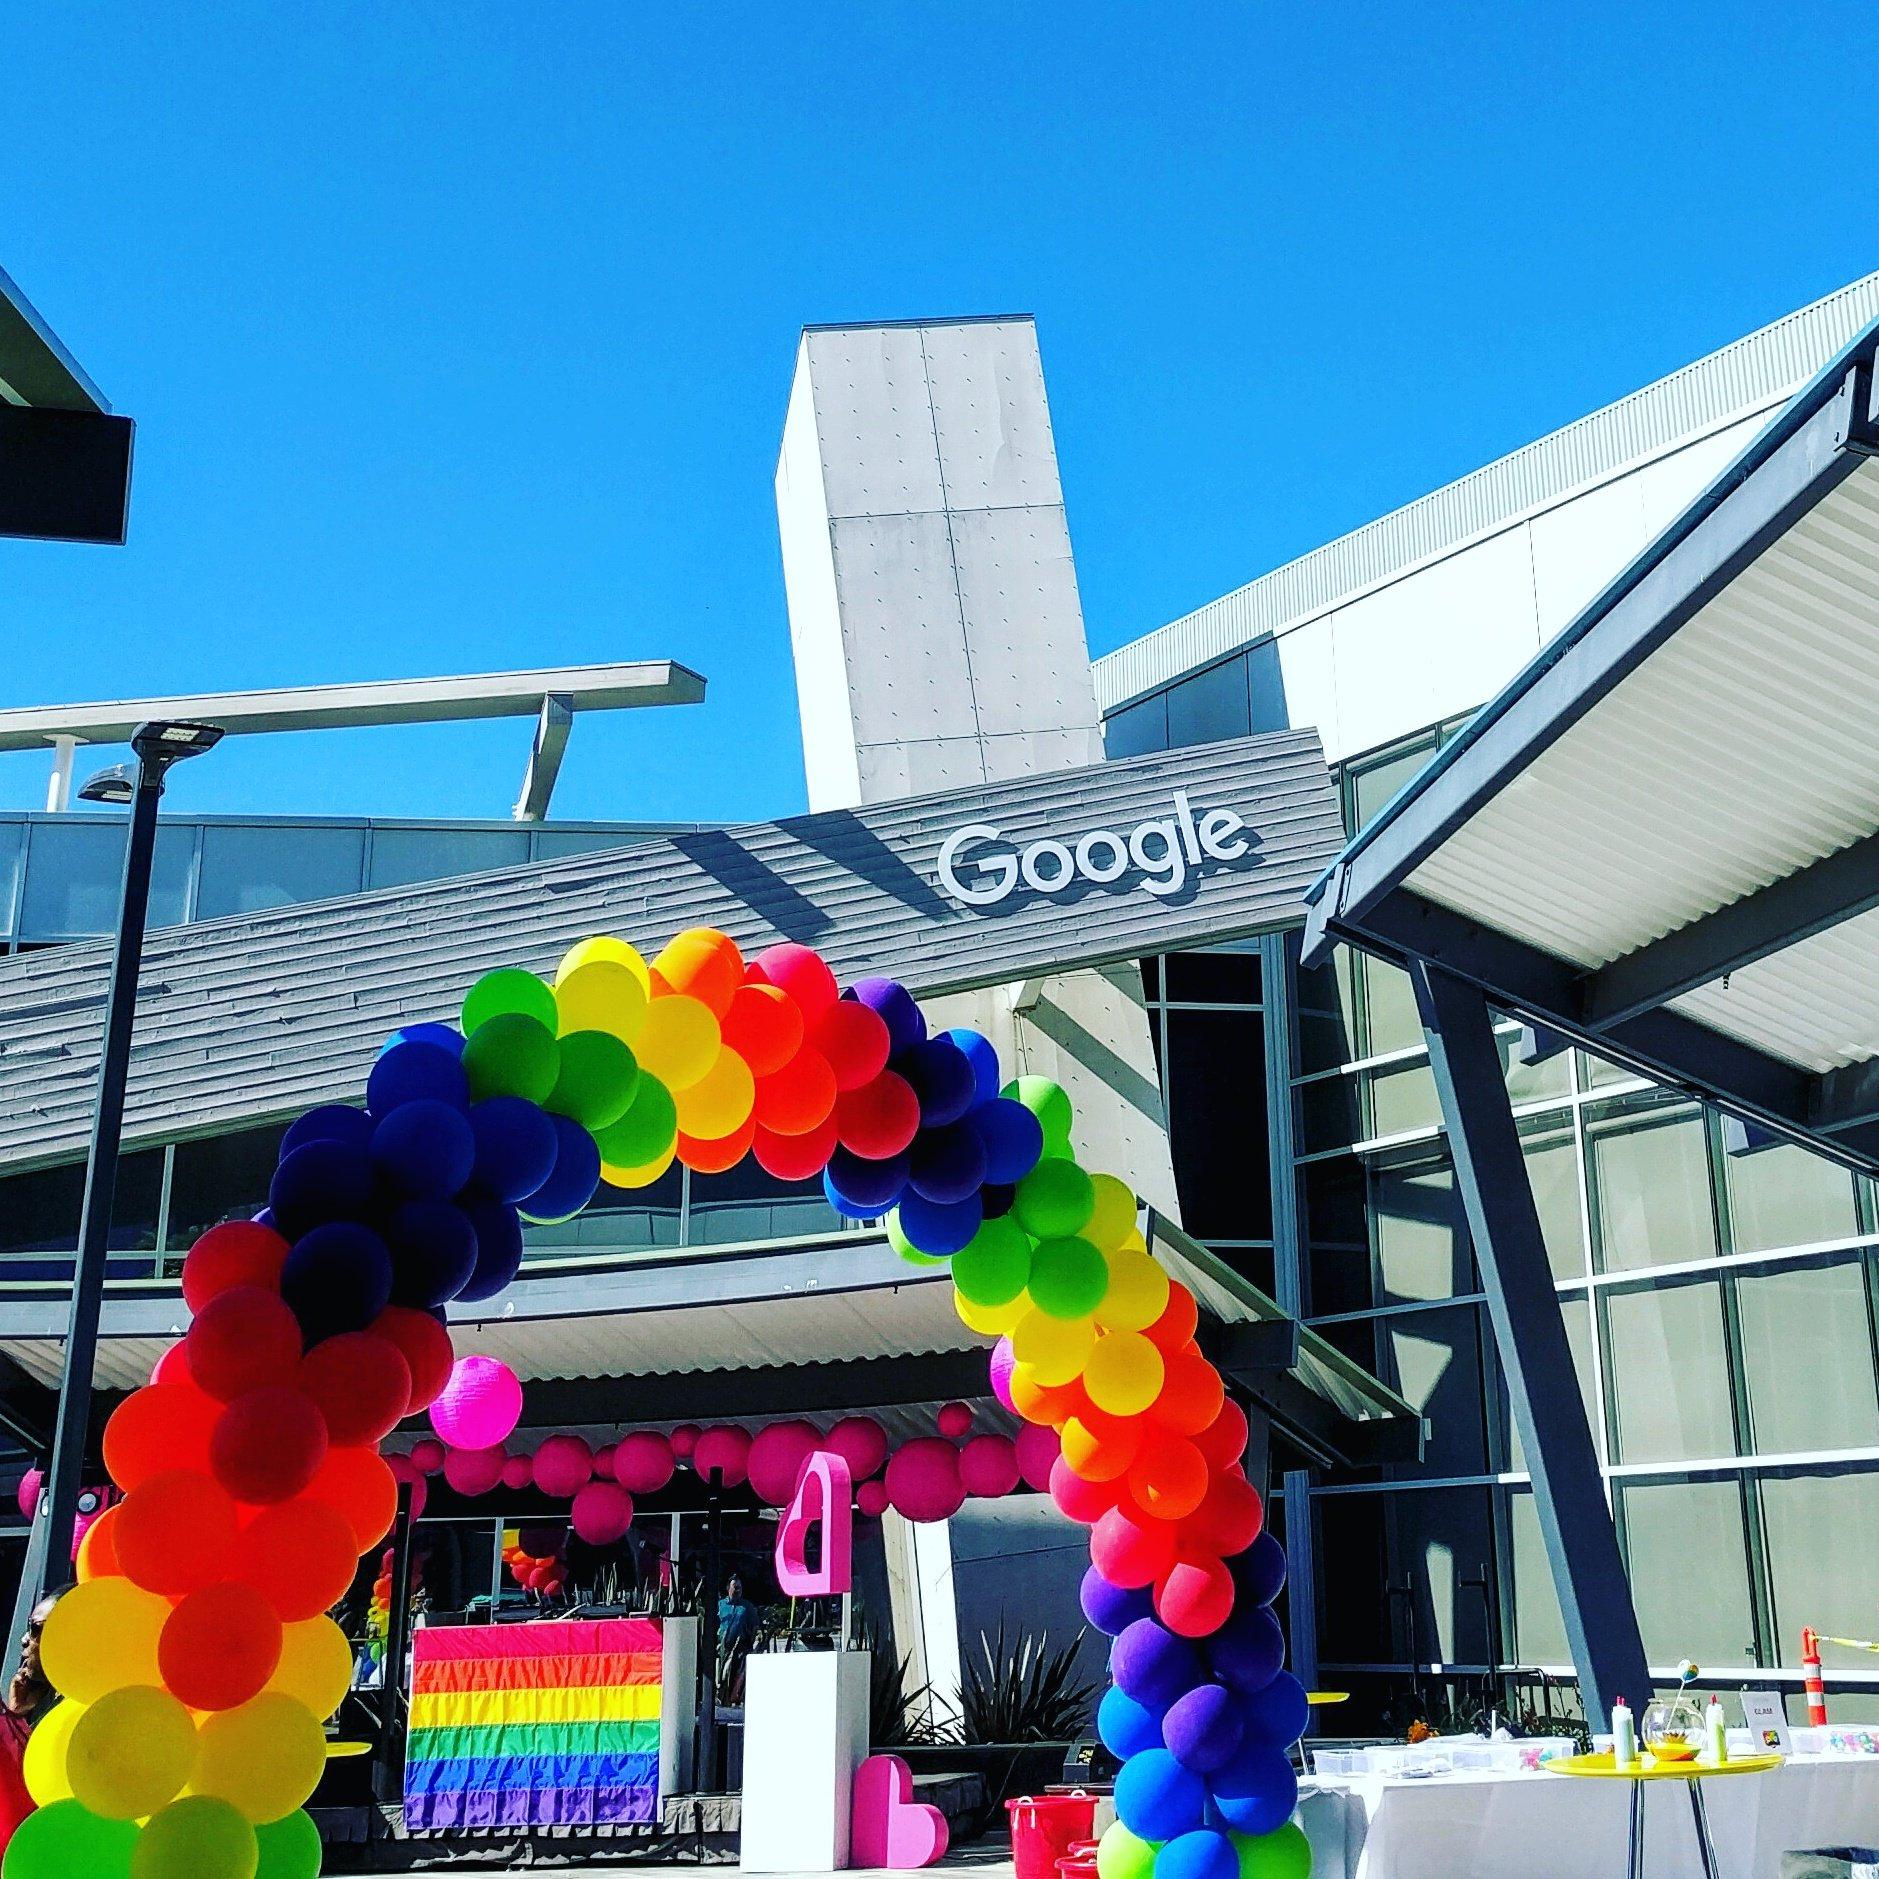 LGBT #PrideMonth 를 기념해서 #구글 캠퍼스가 무지개색으로 장식됨. 인종, 성별, 성정체성 등 다양성을 이렇게 대놓고 존중하는 회사에 다니는게 자랑스러움. https://t.co/ENsLWYVfd3